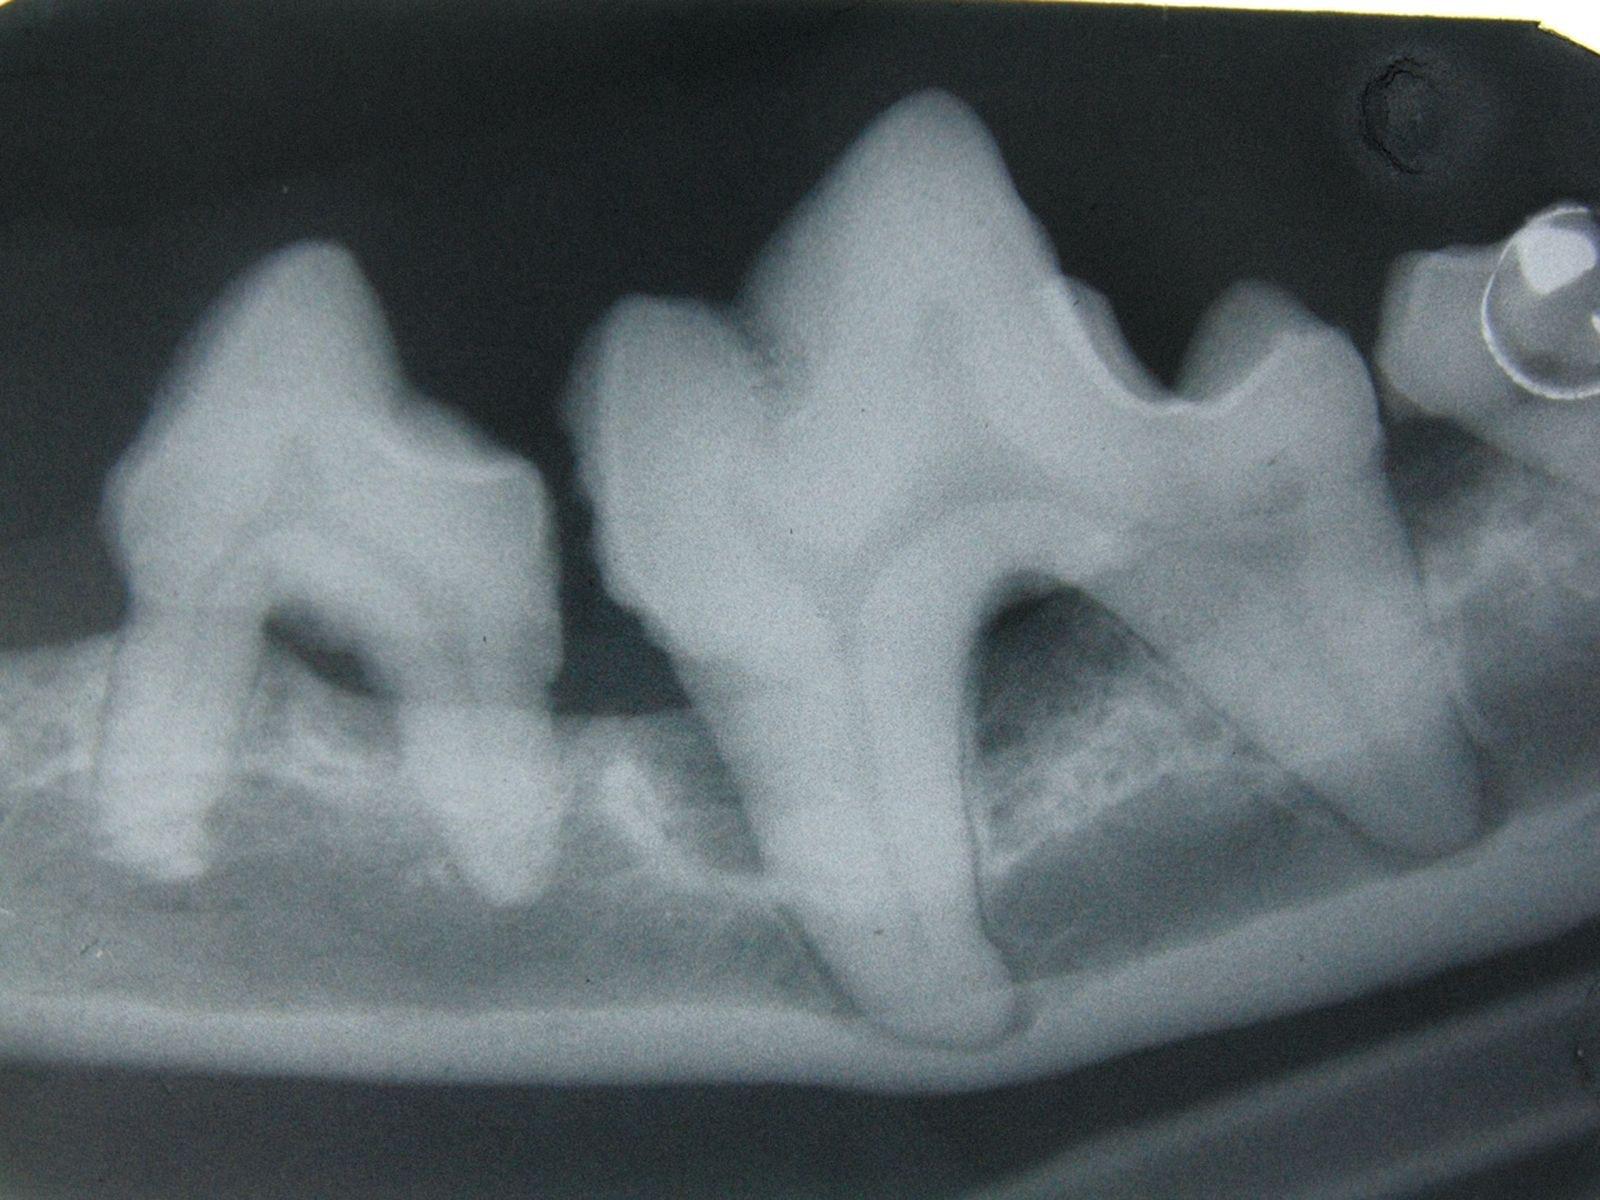 Le radiografie intraorali sono essenziali per valutare i cani e i gatti con possibile periodontite. Si noti la perdita di osso alveolare attorno ai denti colpiti.